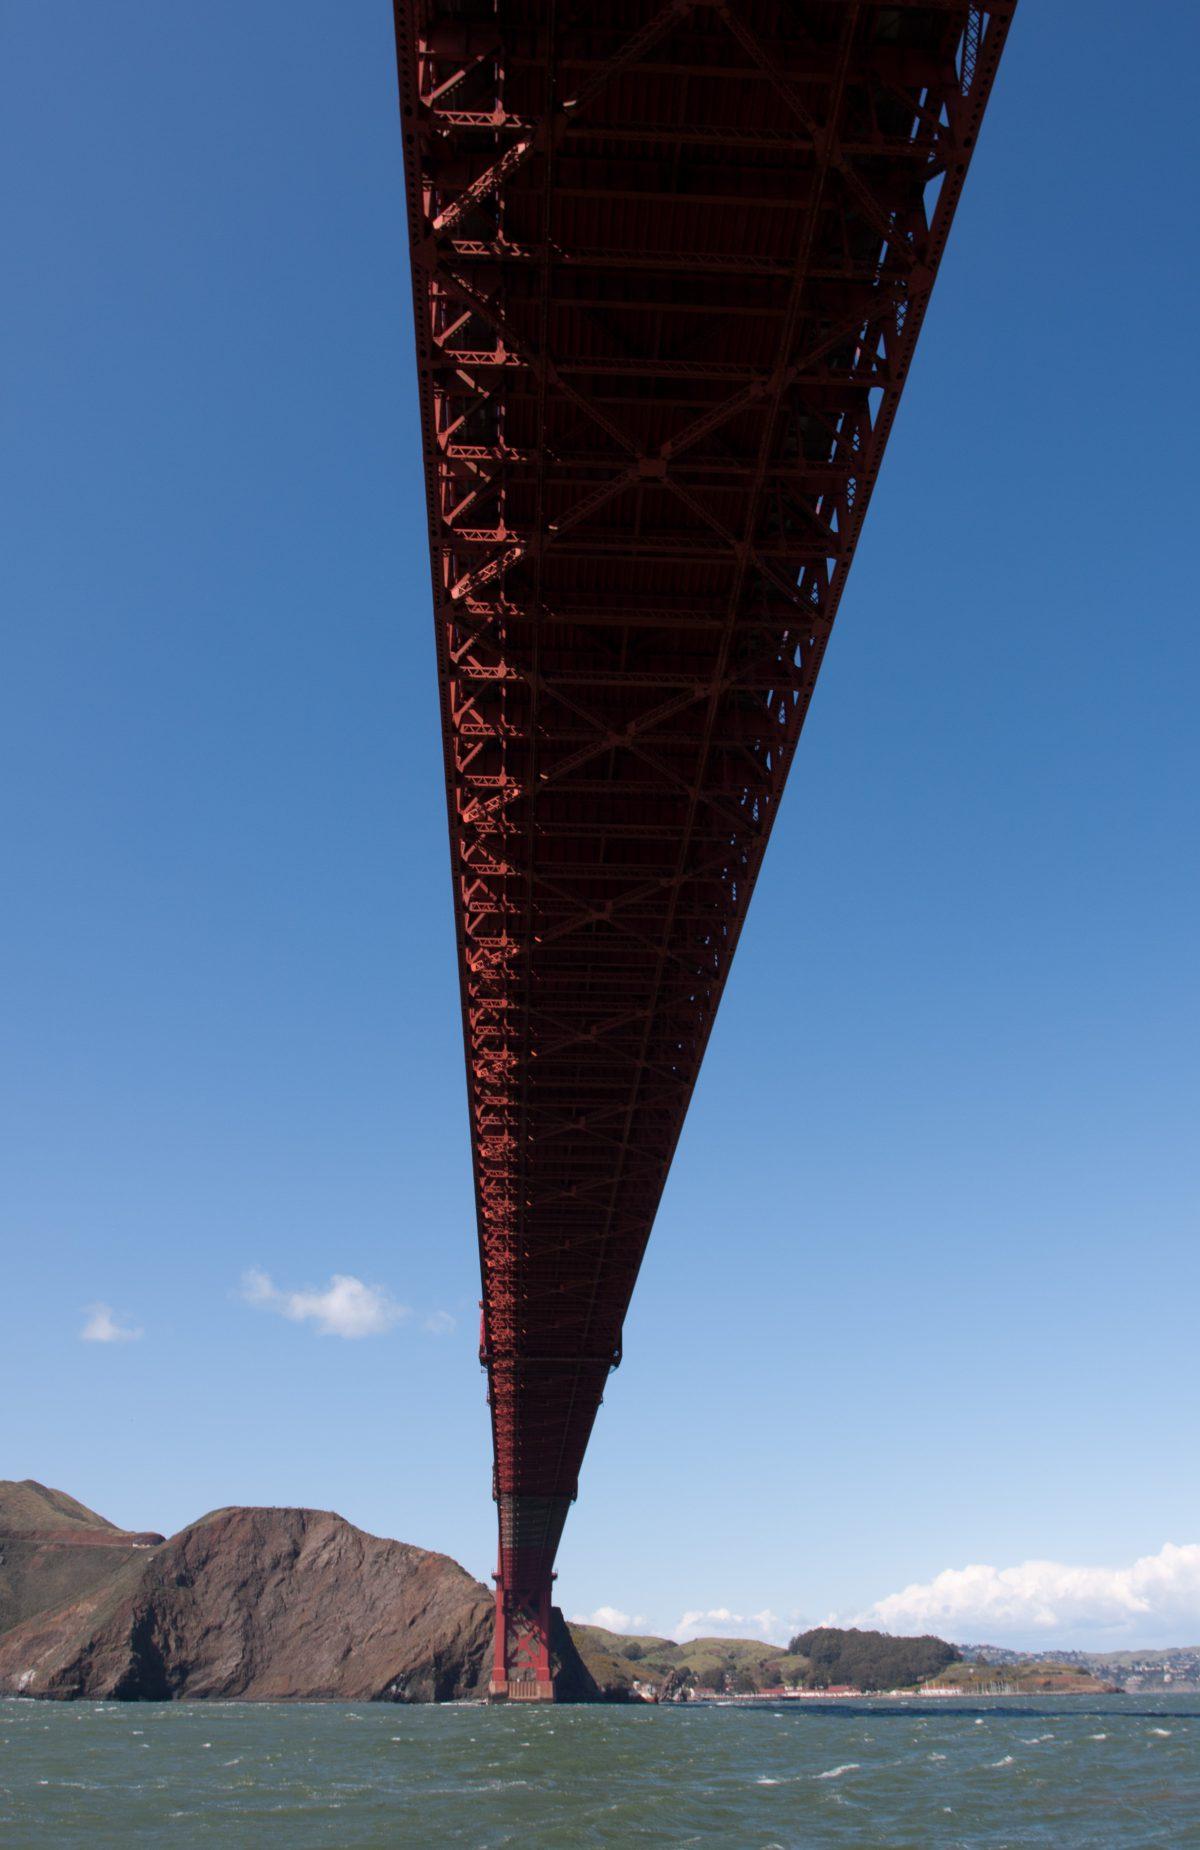 Golden Gate Bridge, sea, bridge